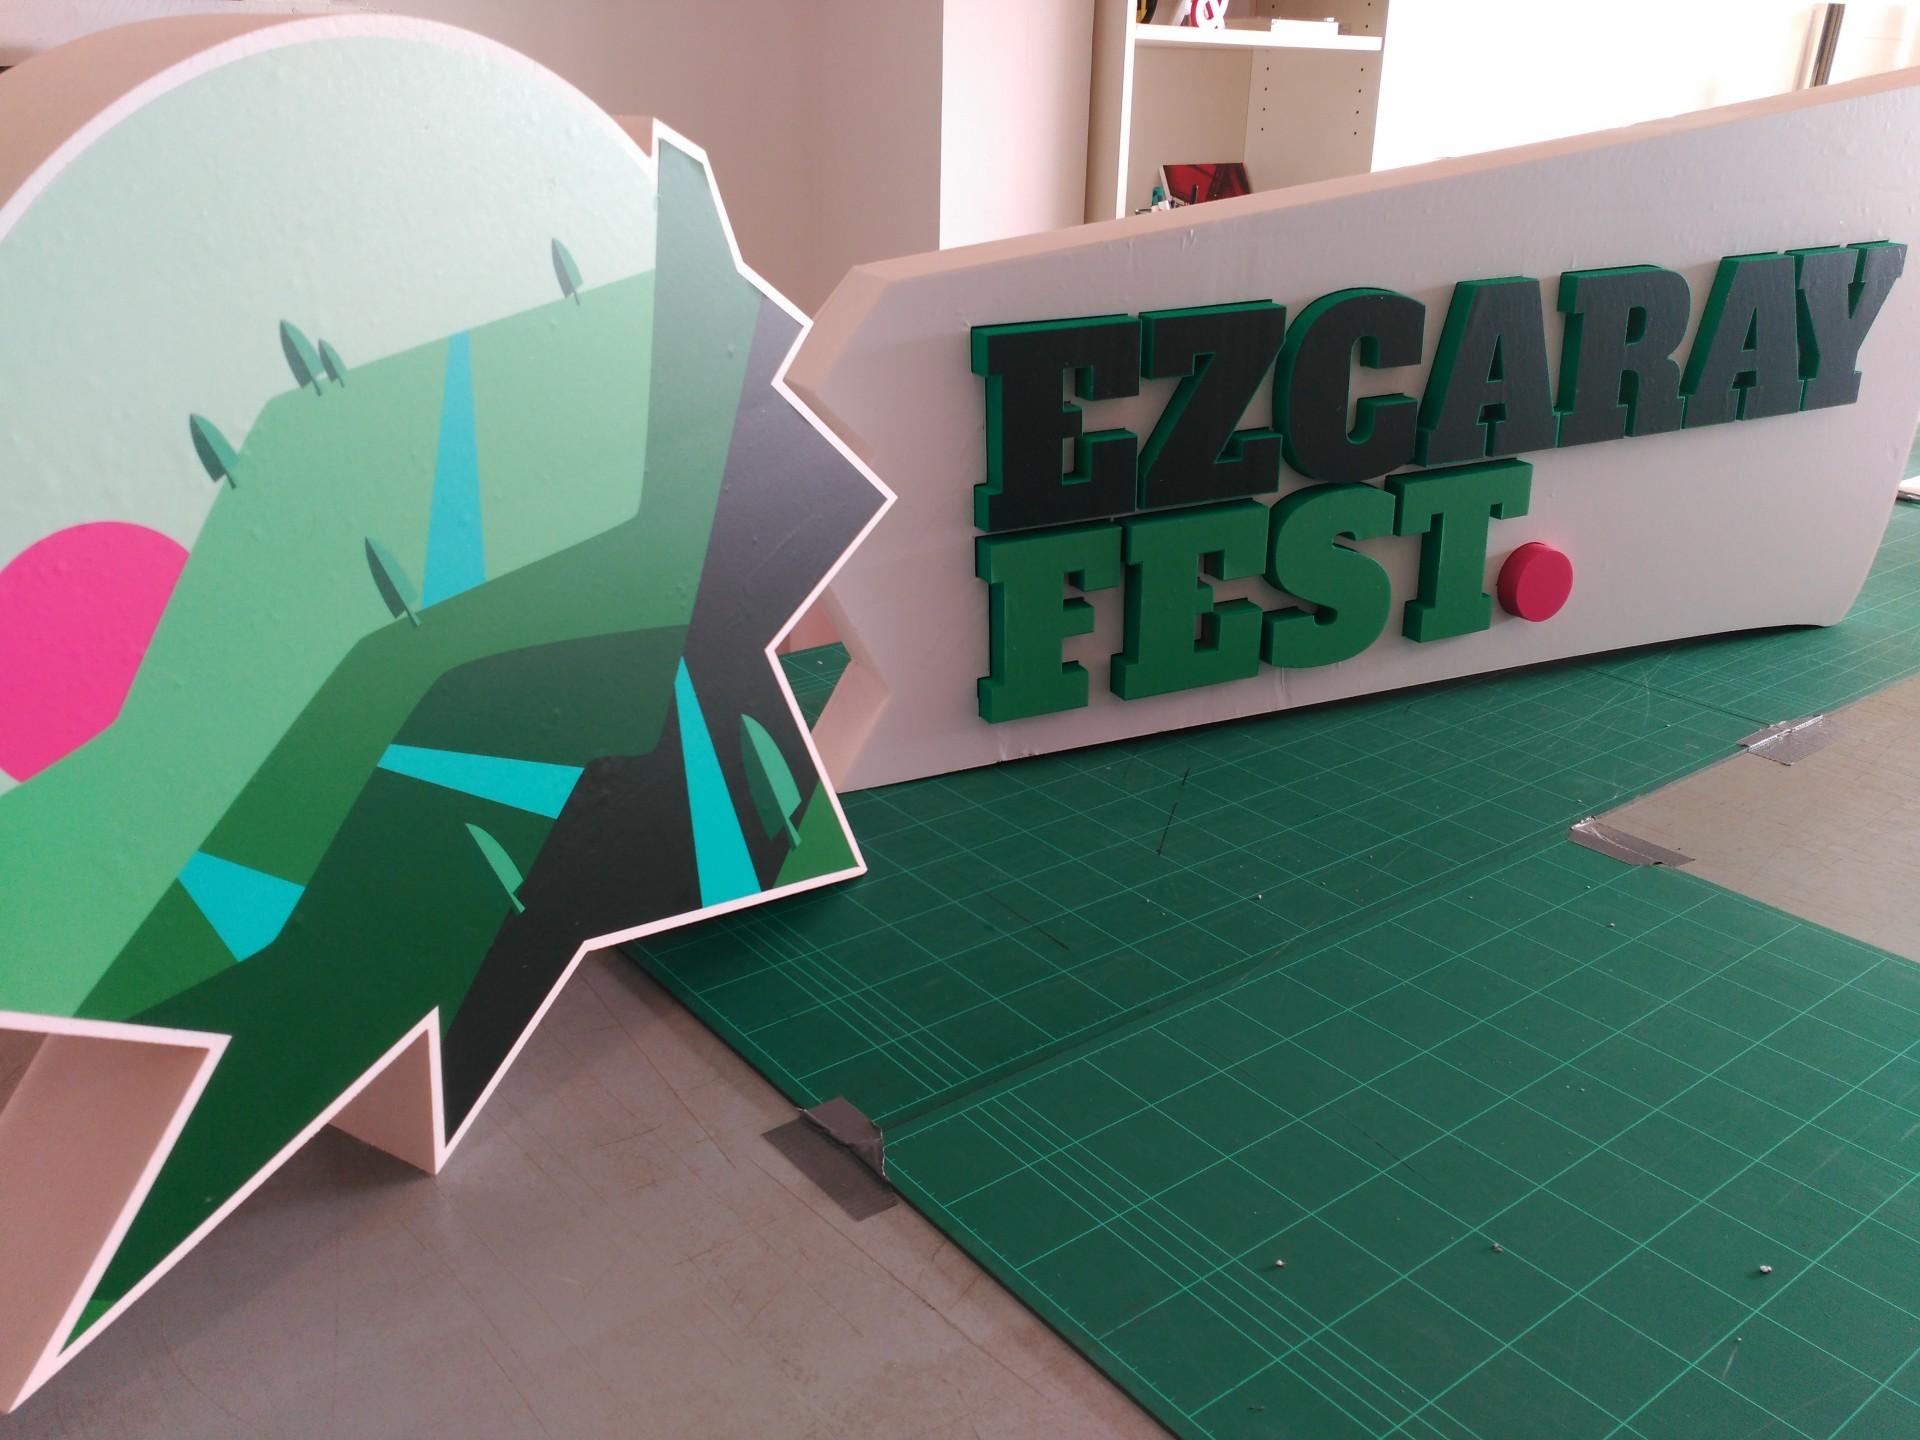 logo_cartel_poliestireno_letrero_ezcaray_ezcarayfest_festival_concierto_